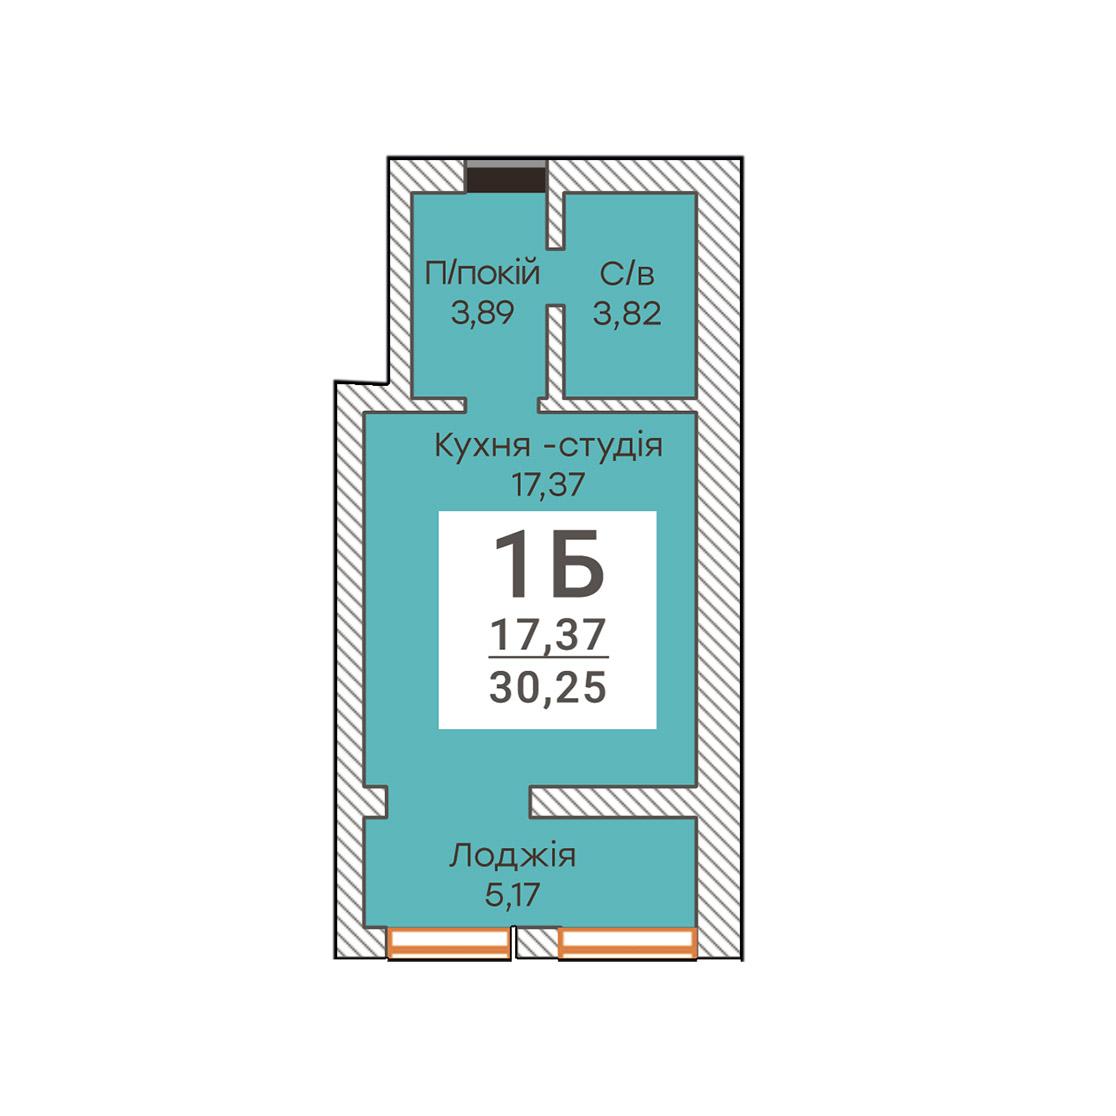 Однокімнатна квартира 30,25 м.кв